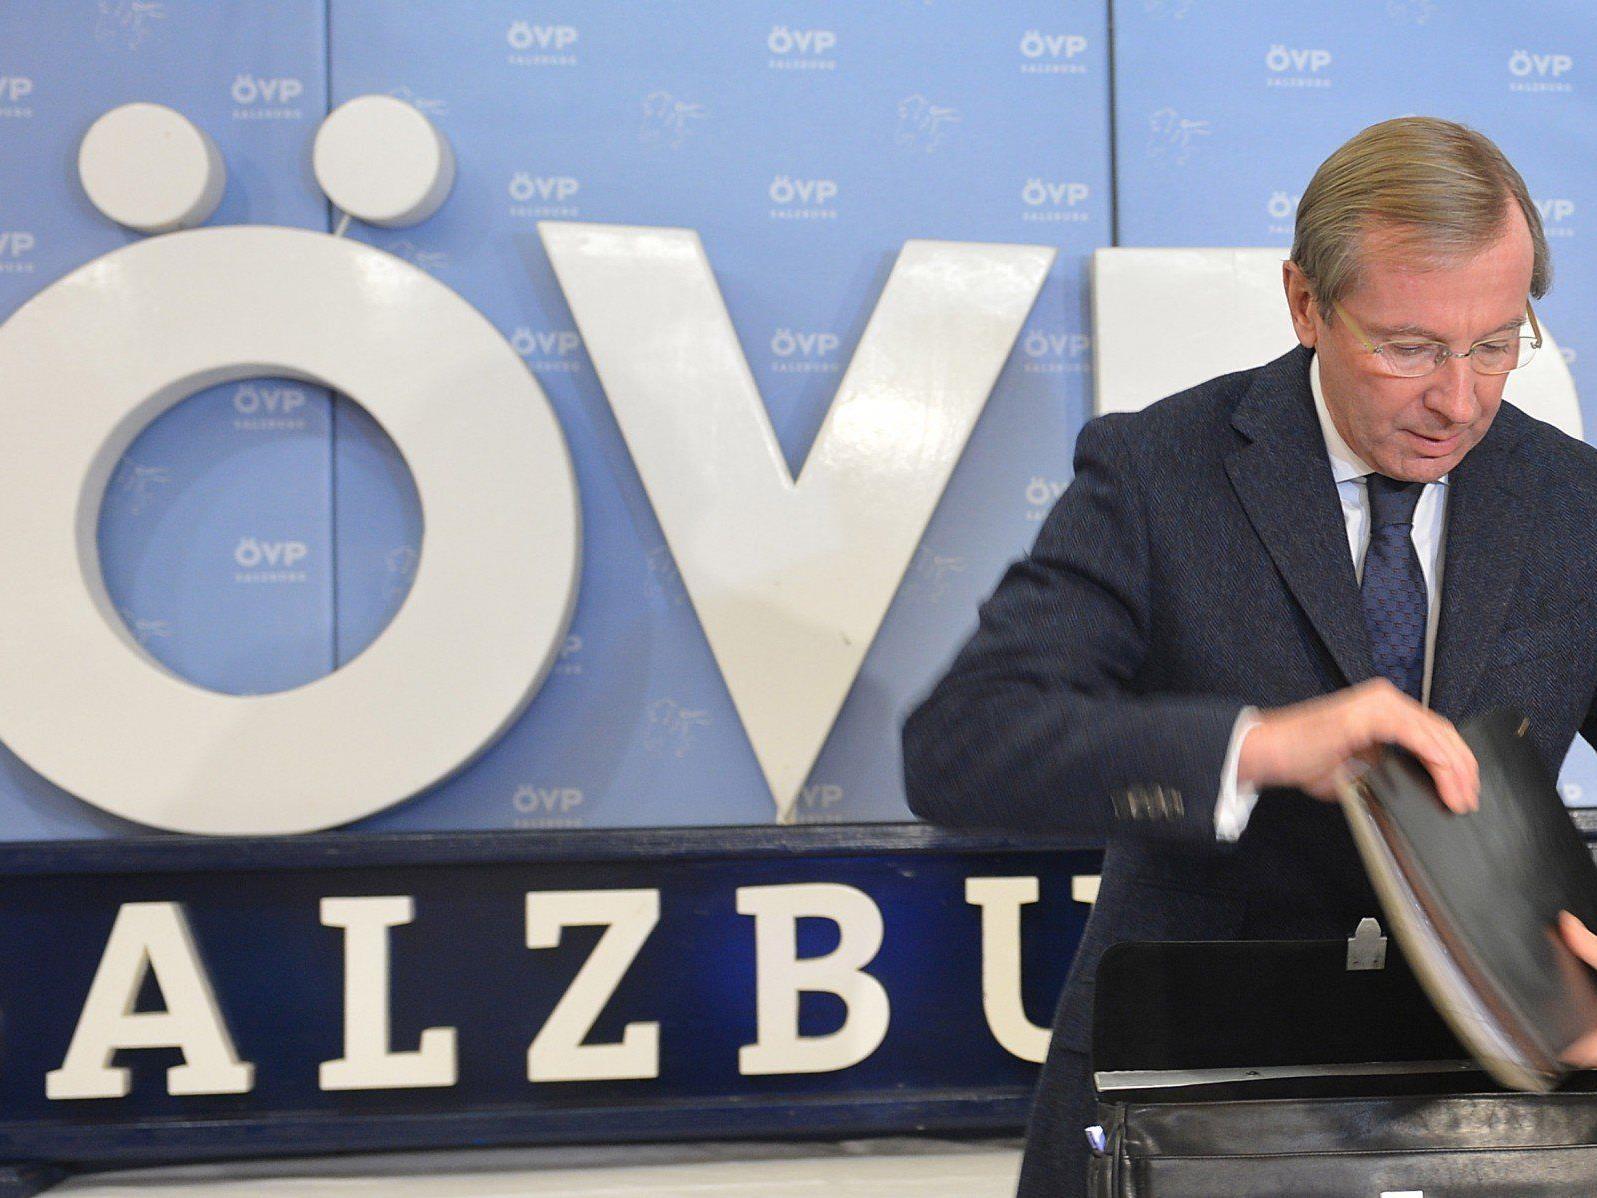 Vor der Landtagswahl in Salzburg präsentiert die ÖVP ein neues Programm